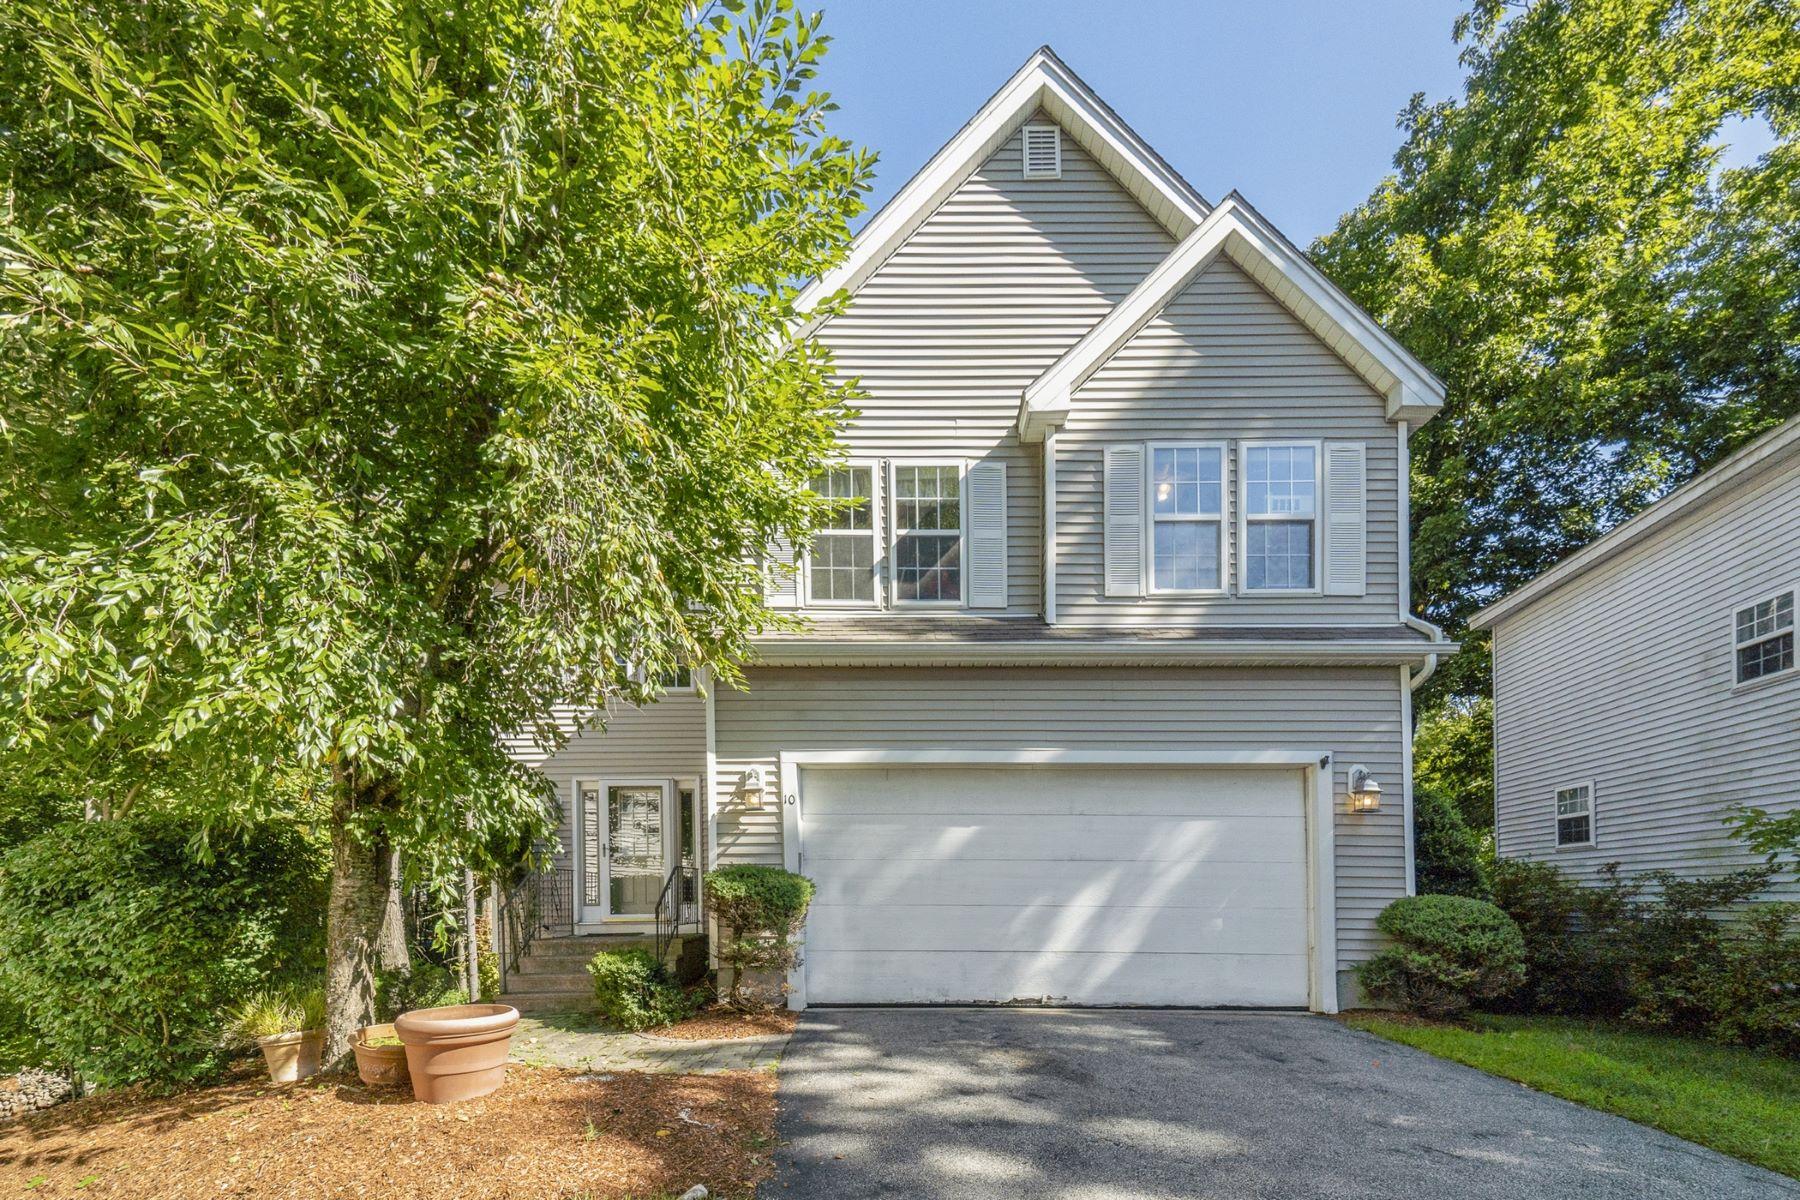 Condominiums for Sale at 10 Rose Pt 10 Marlborough, Massachusetts 01752 United States